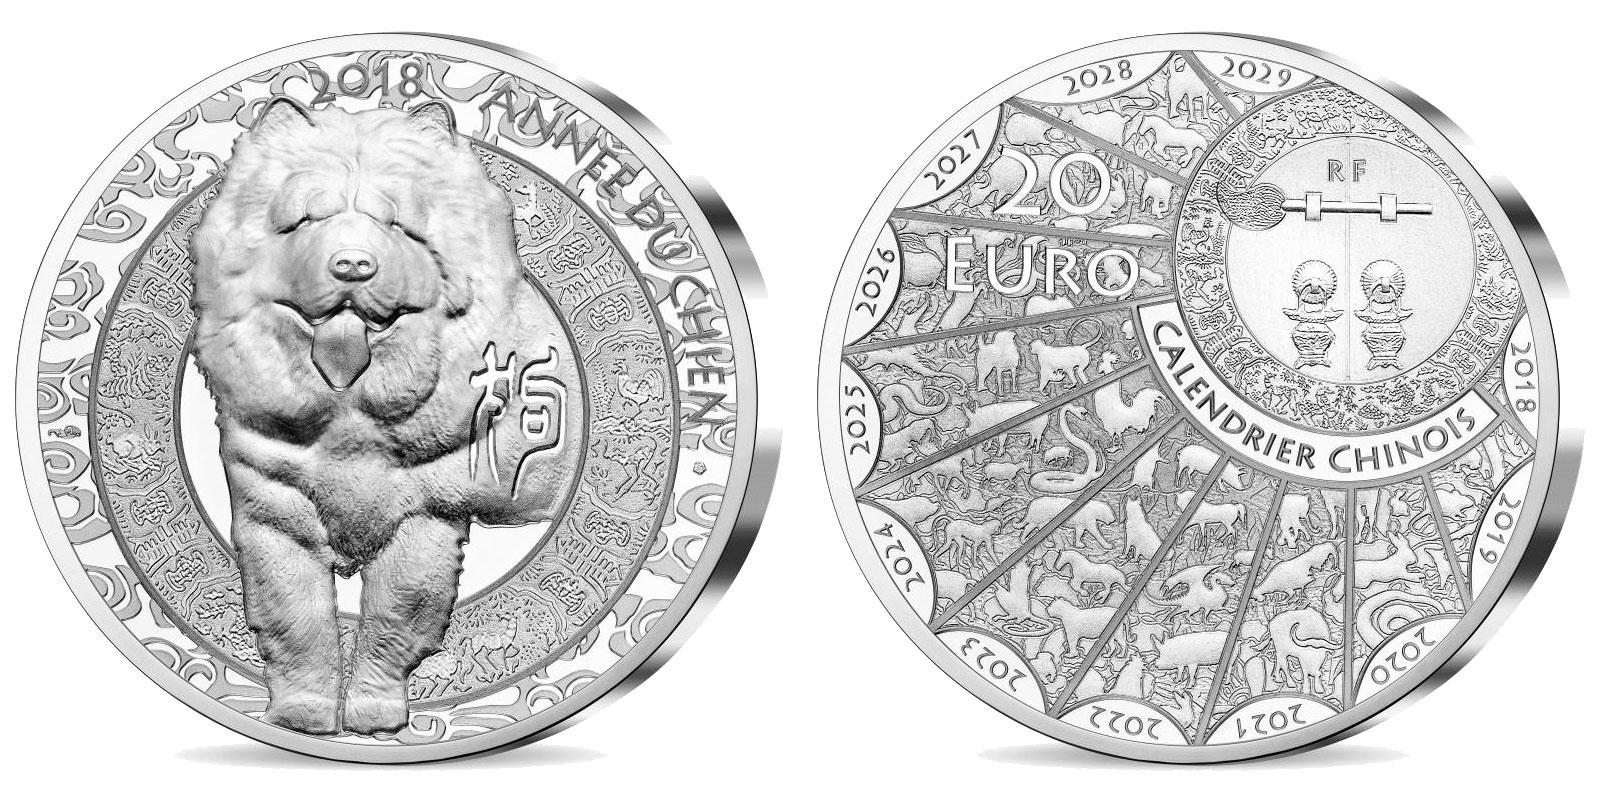 Pièce argent Monnaie de Paris 20 euro Année du Chien 2018 1 once haut relief